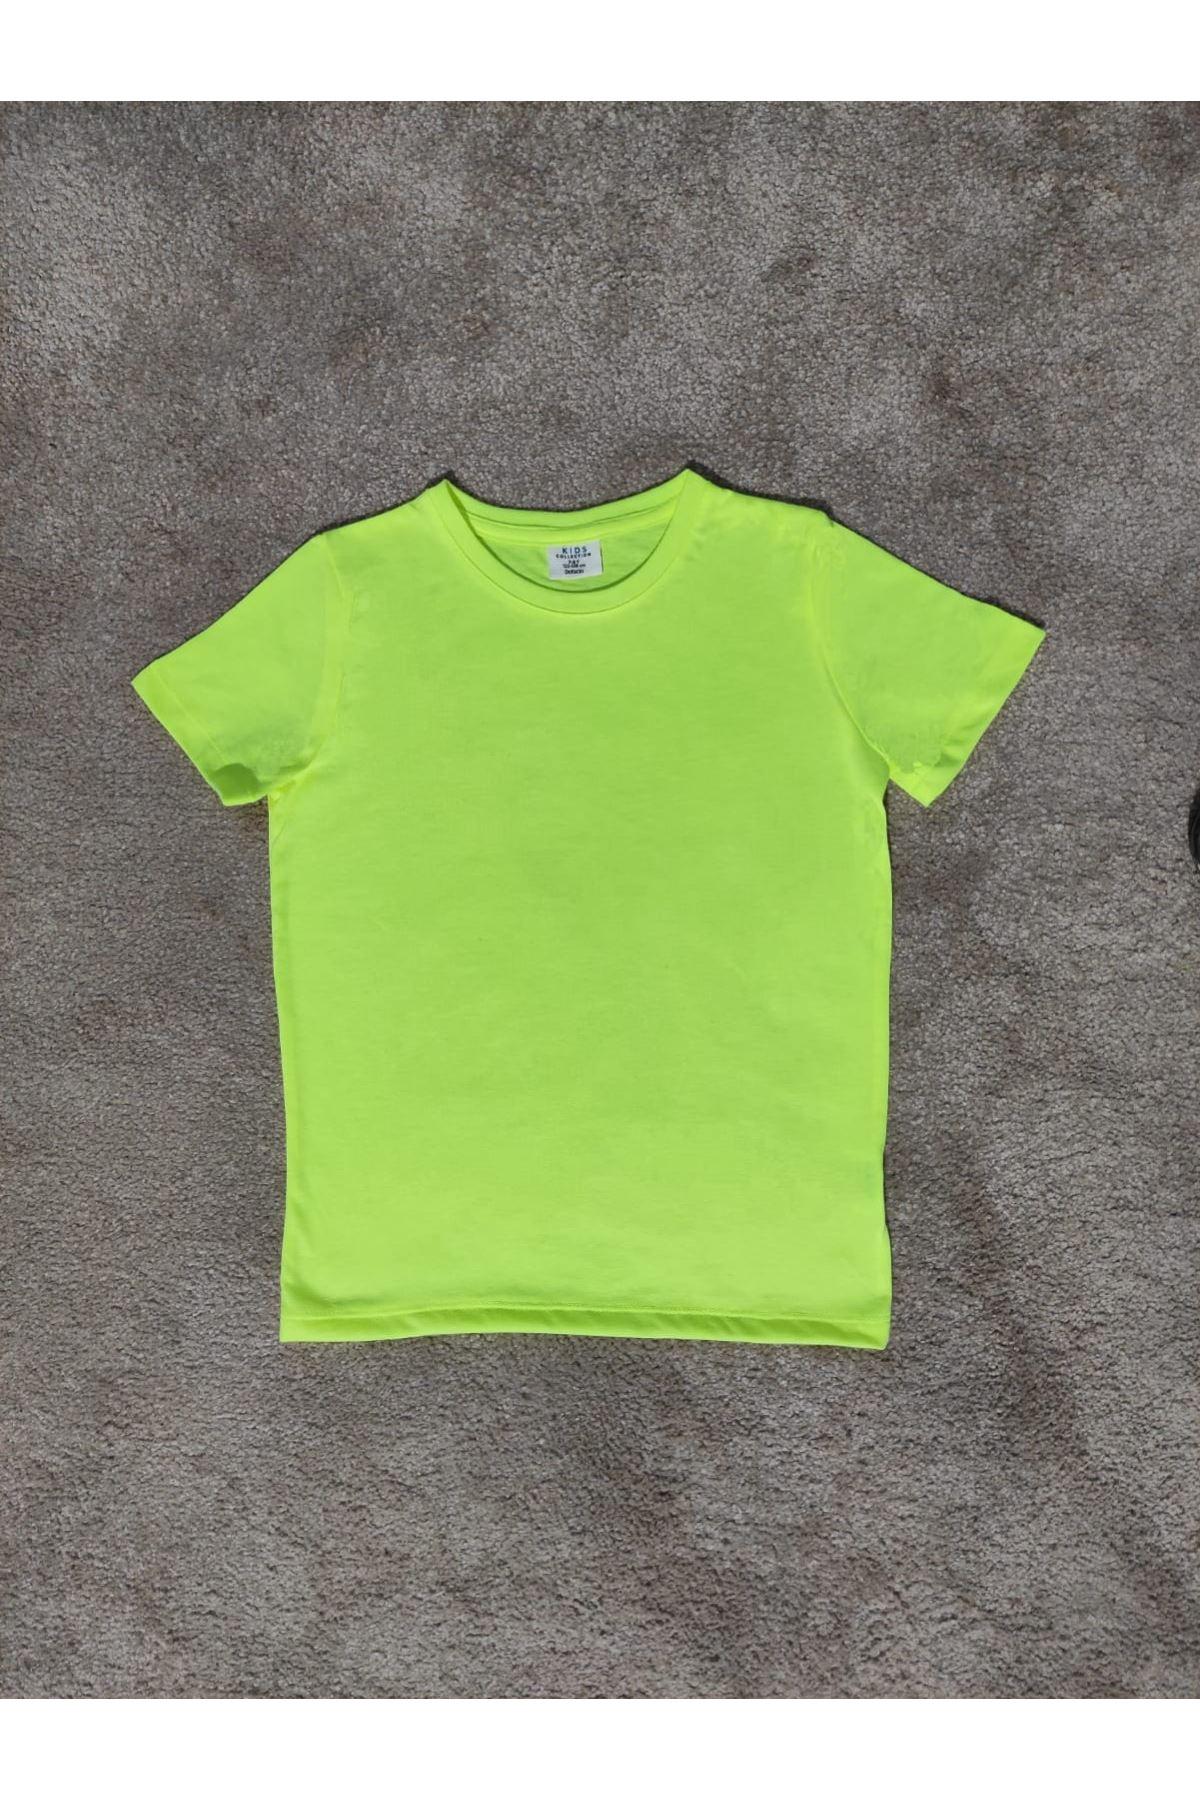 Kız Çocuk Bisiklet Yaka Neon Yeşil T-shirt